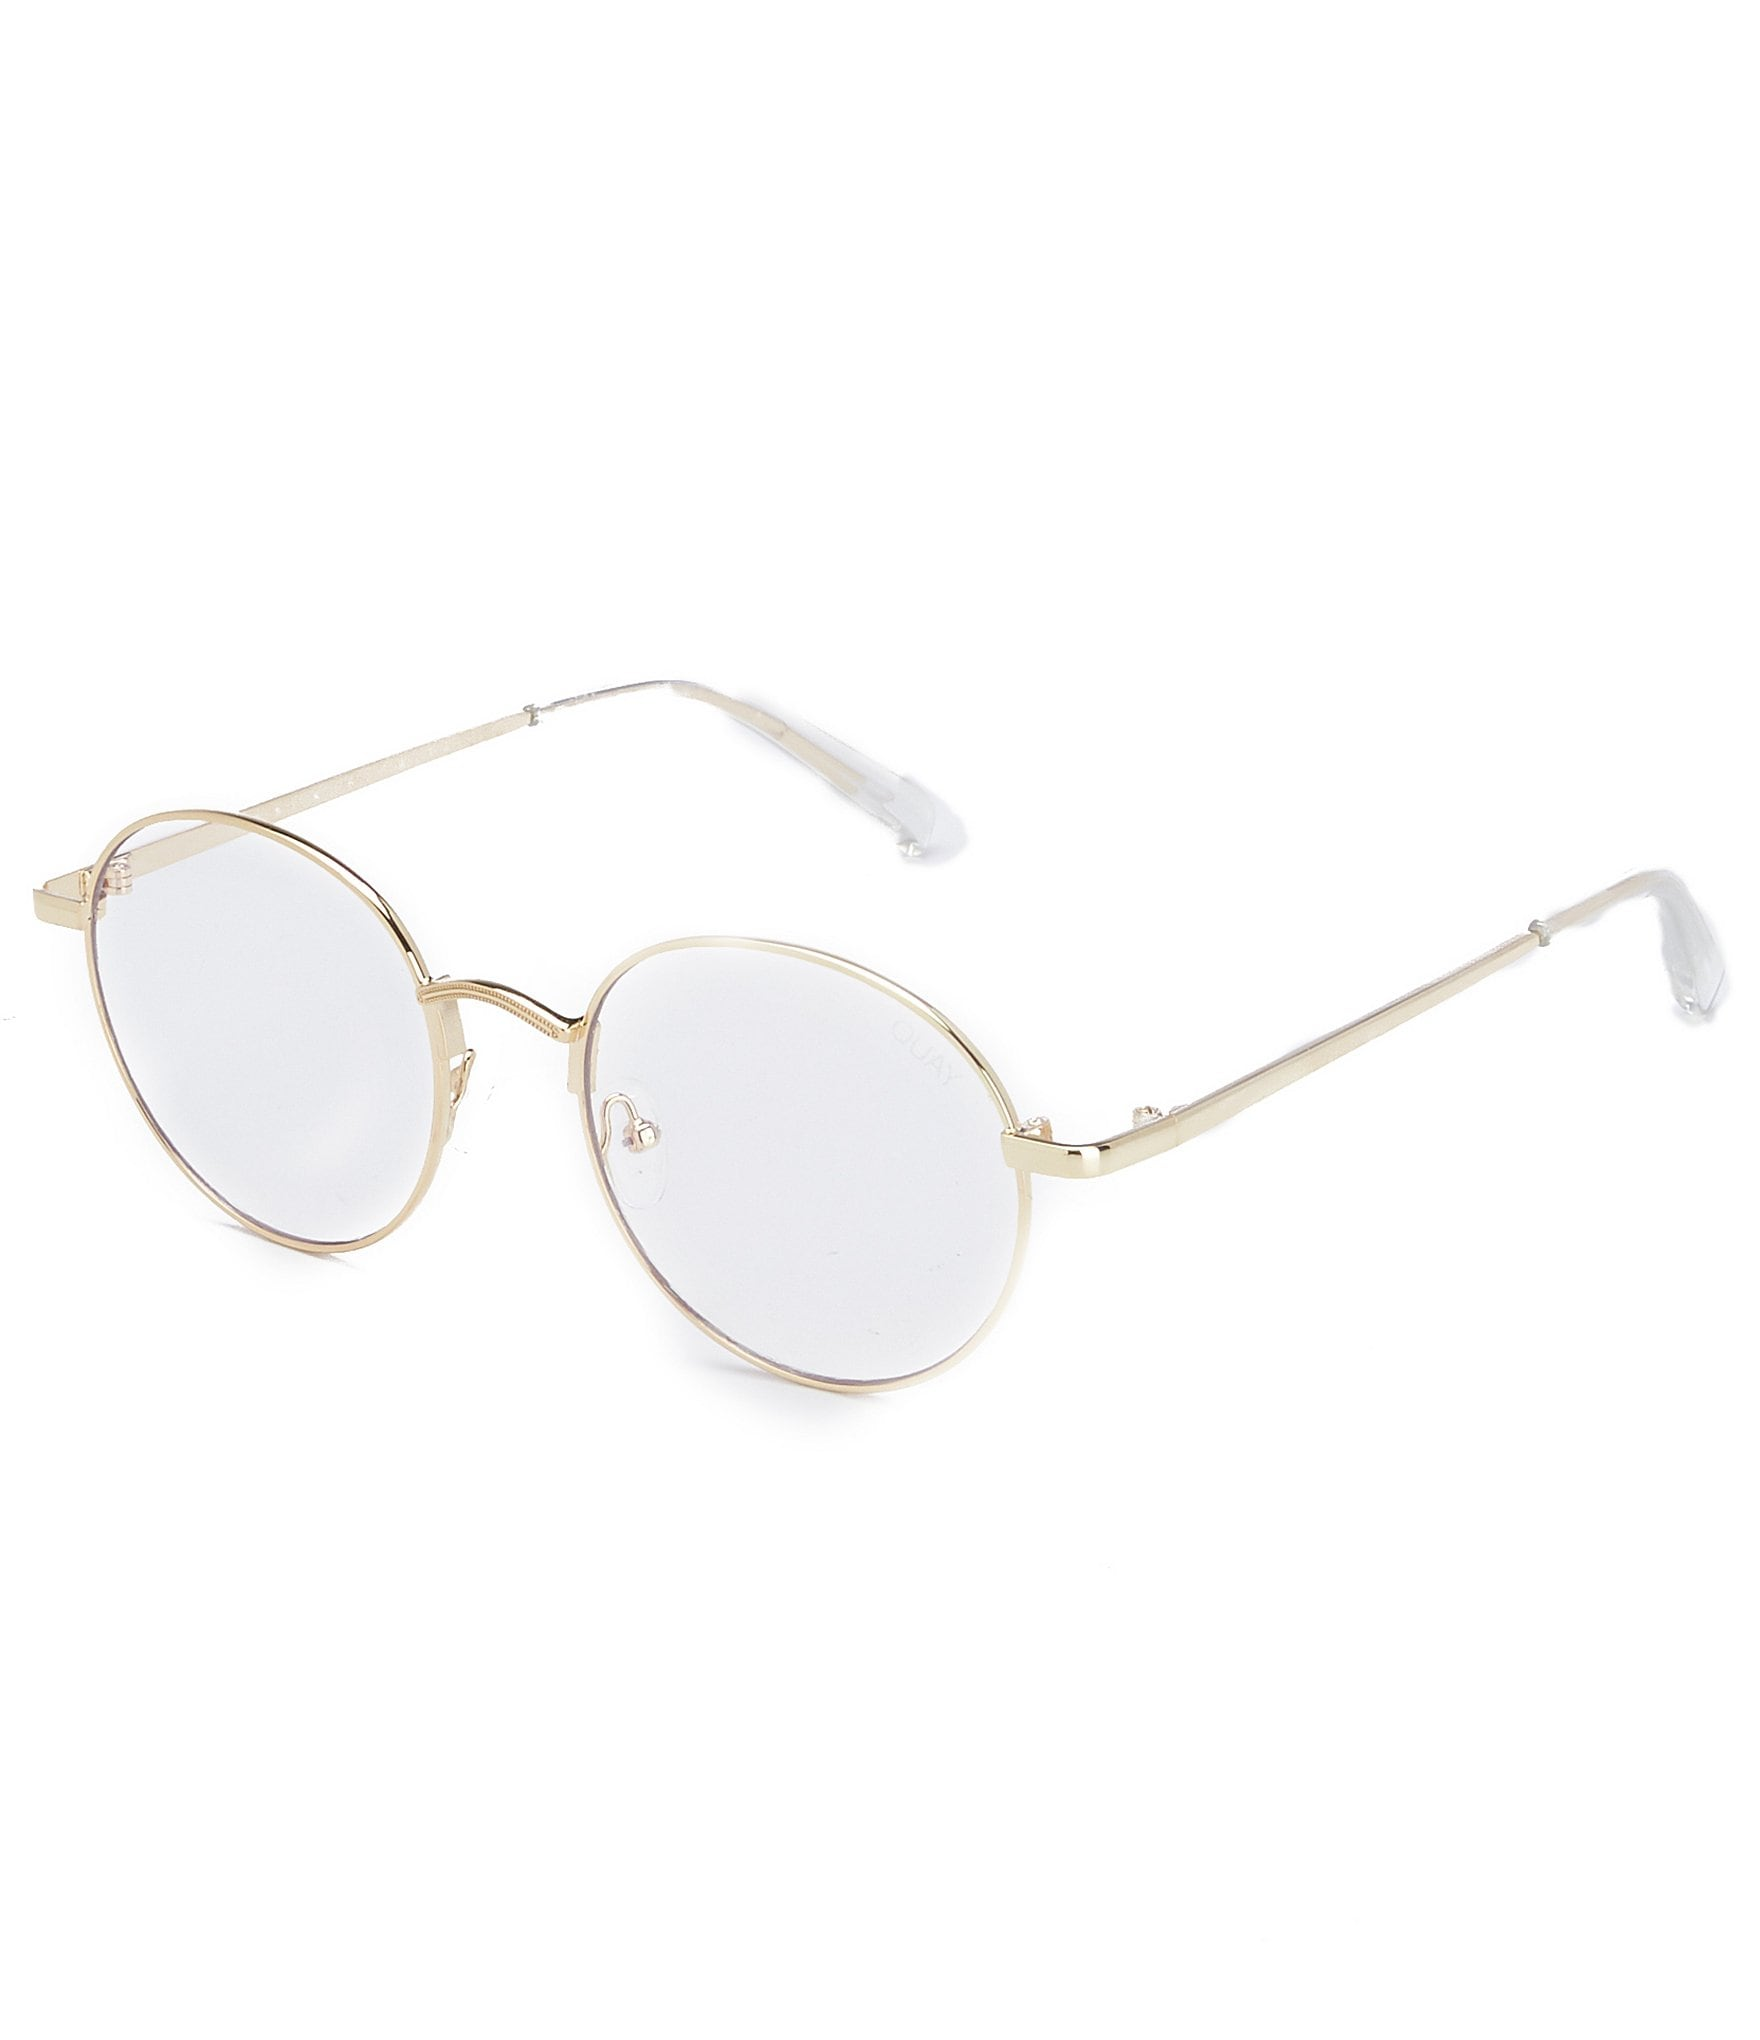 e03da6d1b6a8 Quay AustraliaQuay I See You Blue Light Glasses